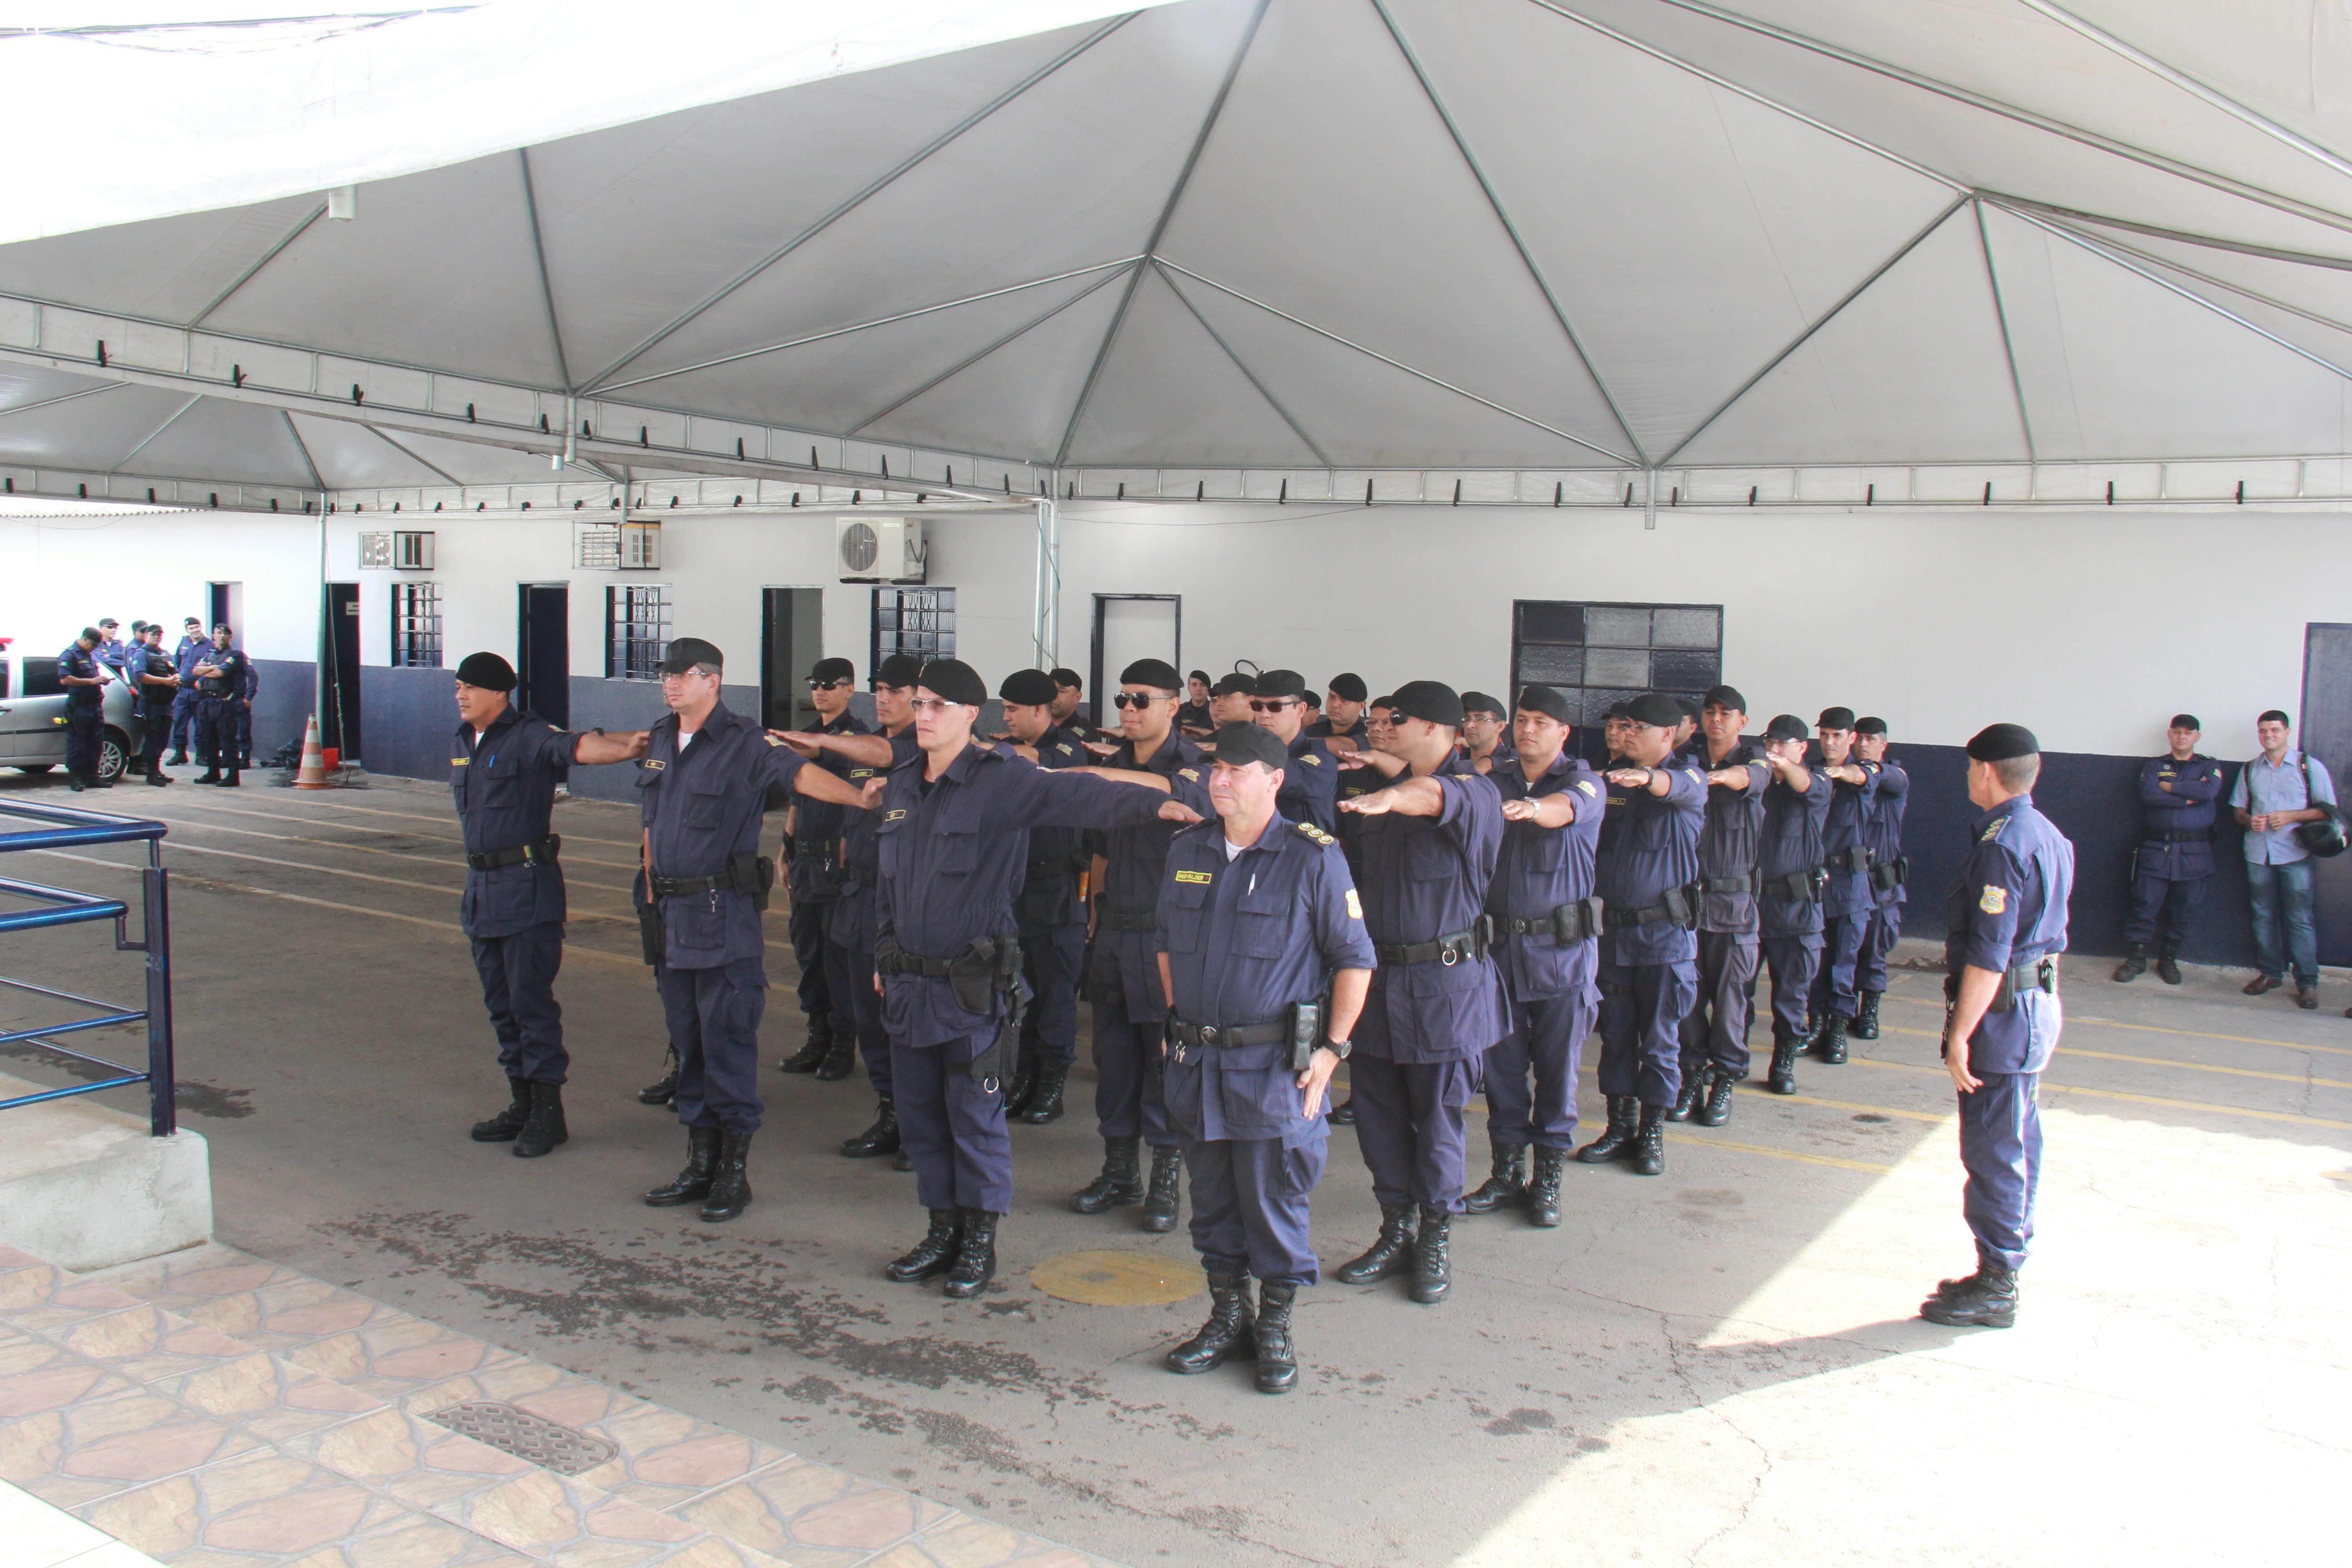 Guarda Municipal de Goiânia | Foto: Cecílio Alves